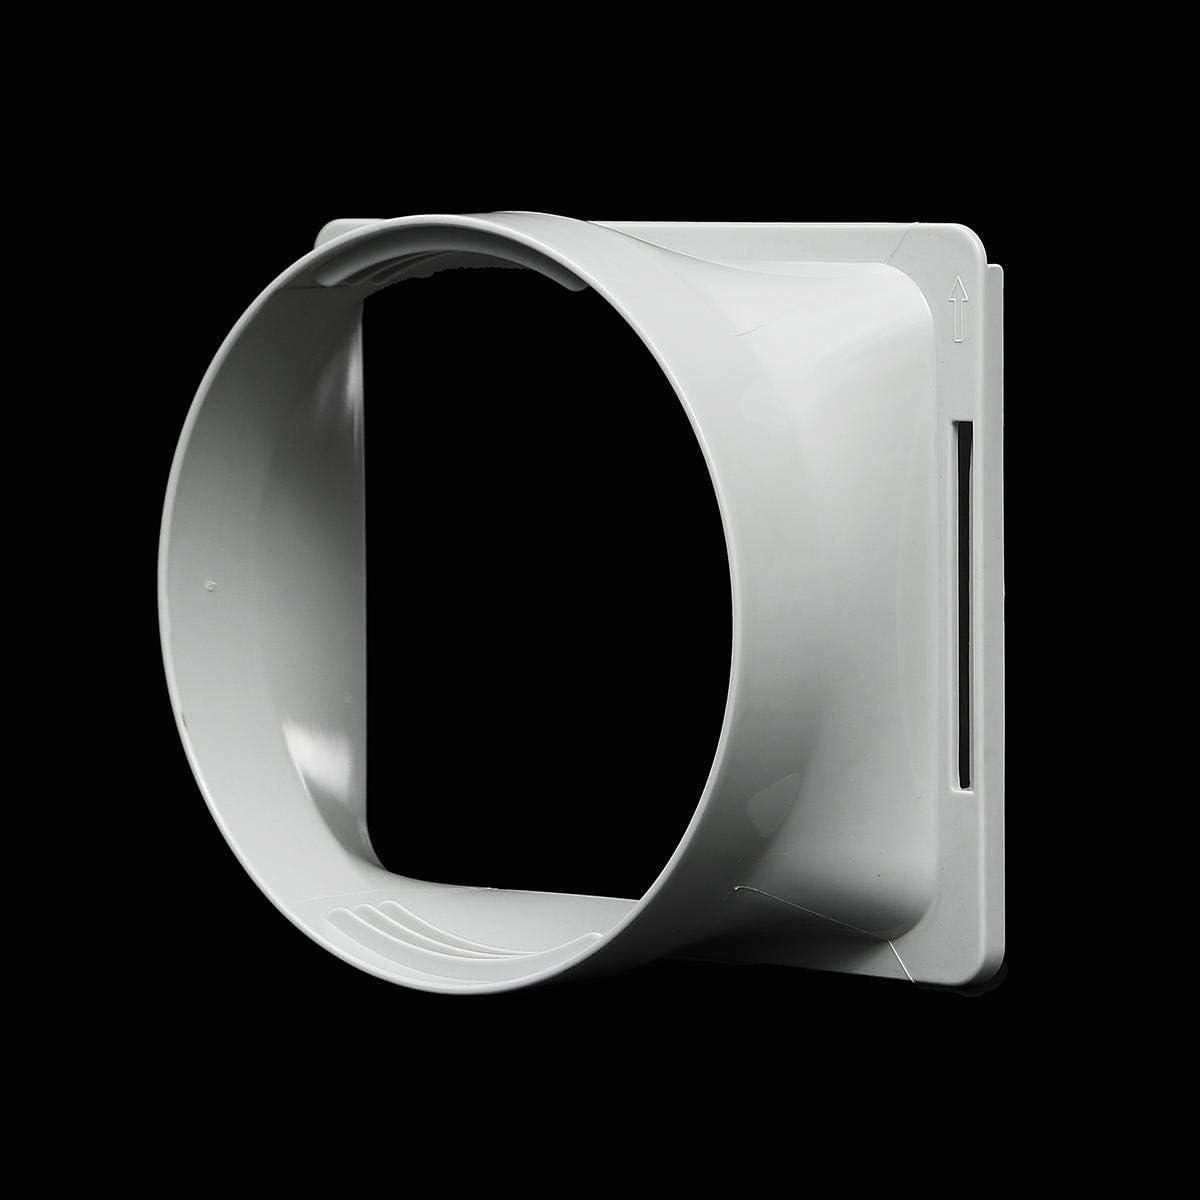 Adaptador de tubo de escape para aire acondicionado, interfaz de conducto de escape para aire acondicionado portátil, conector COD, gris: Amazon.es: Bricolaje y herramientas